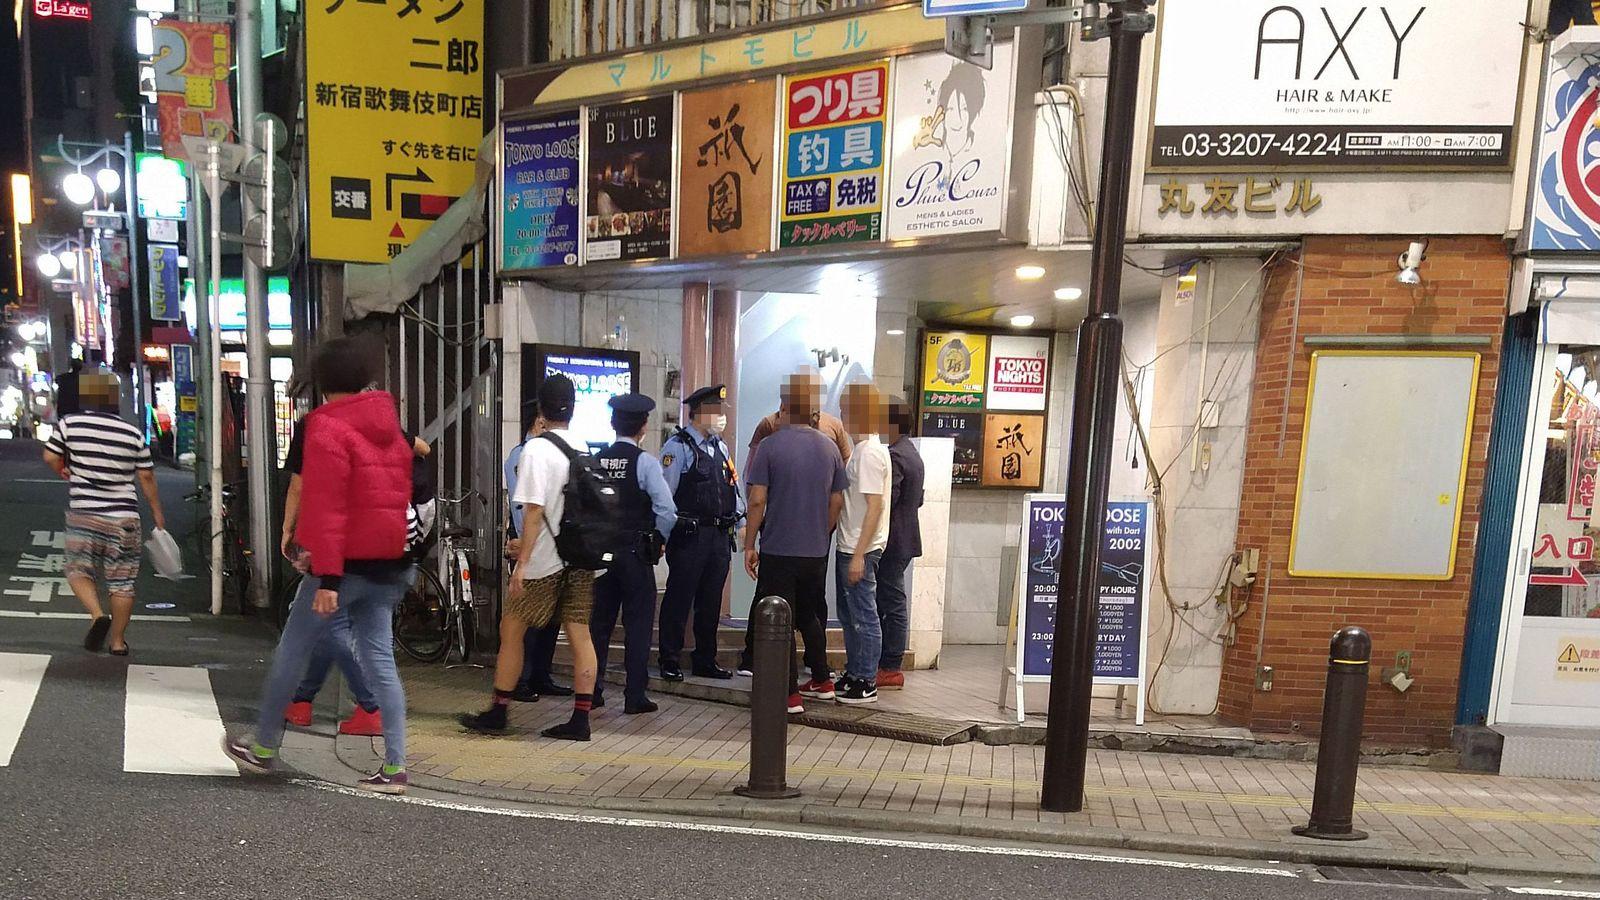 「実はコロナかも…」「誰も気にしない」クラスター多発の歌舞伎町の闇と実情 第2波まったなし、夜は大乱闘も…